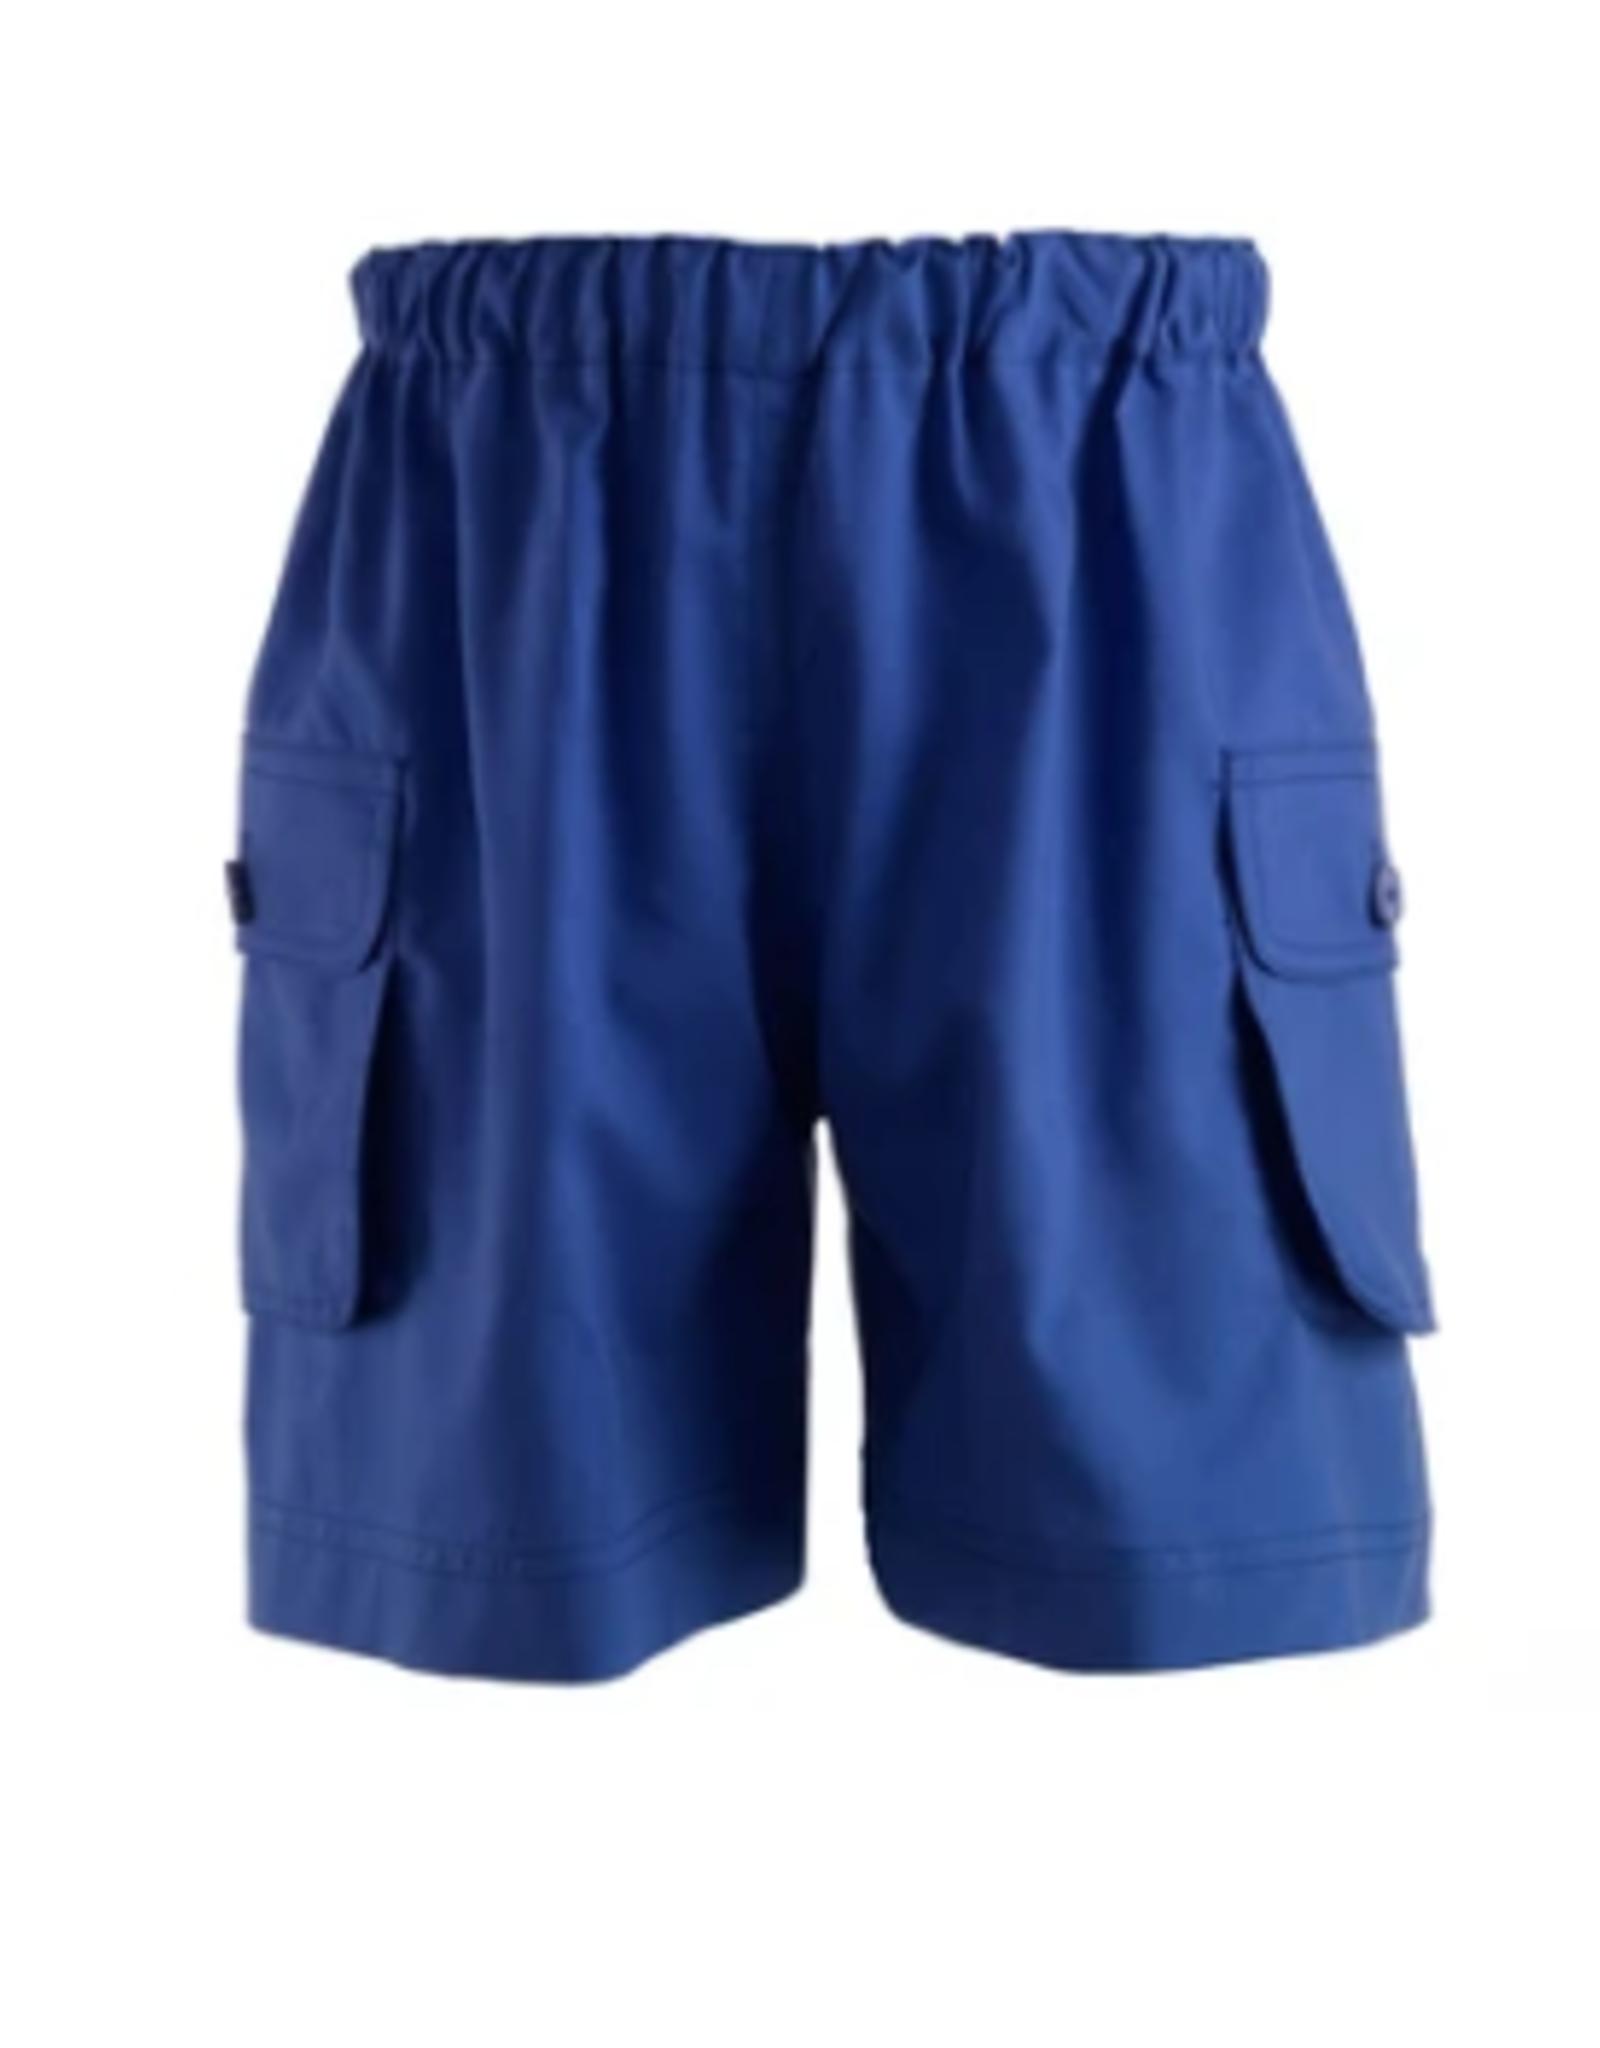 Rachel Riley French Blue Pocket Shorts